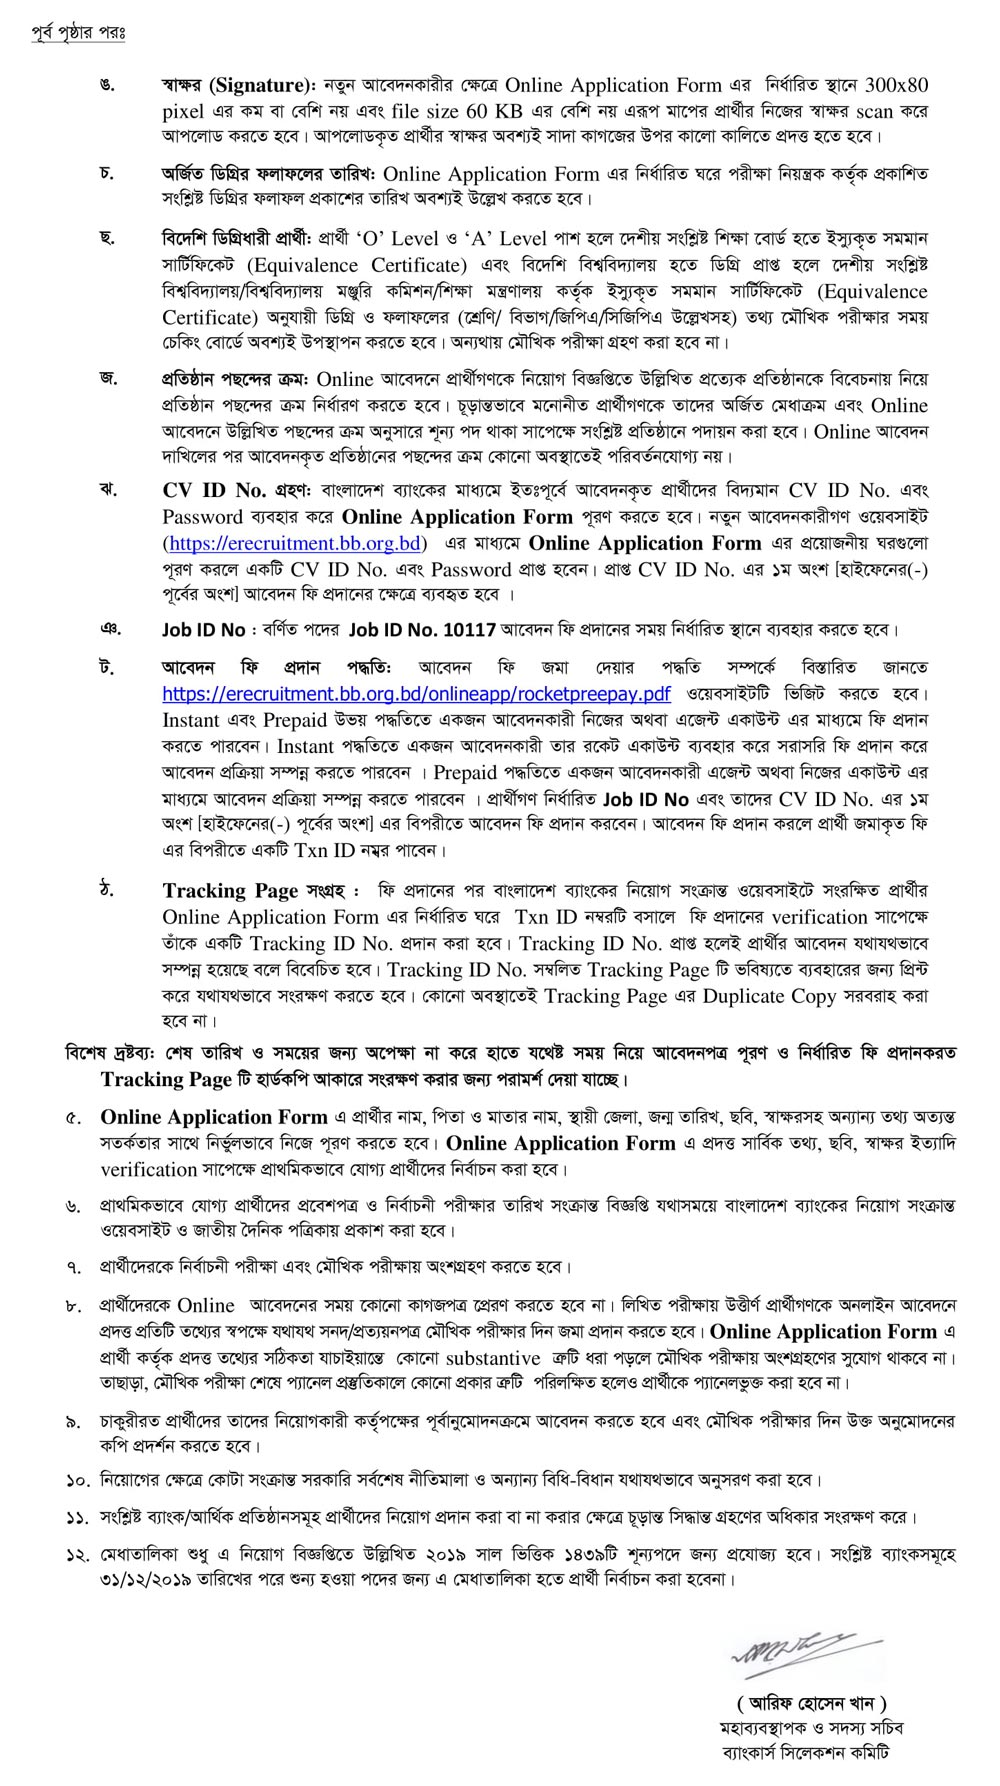 Janata Bank Limited job circular